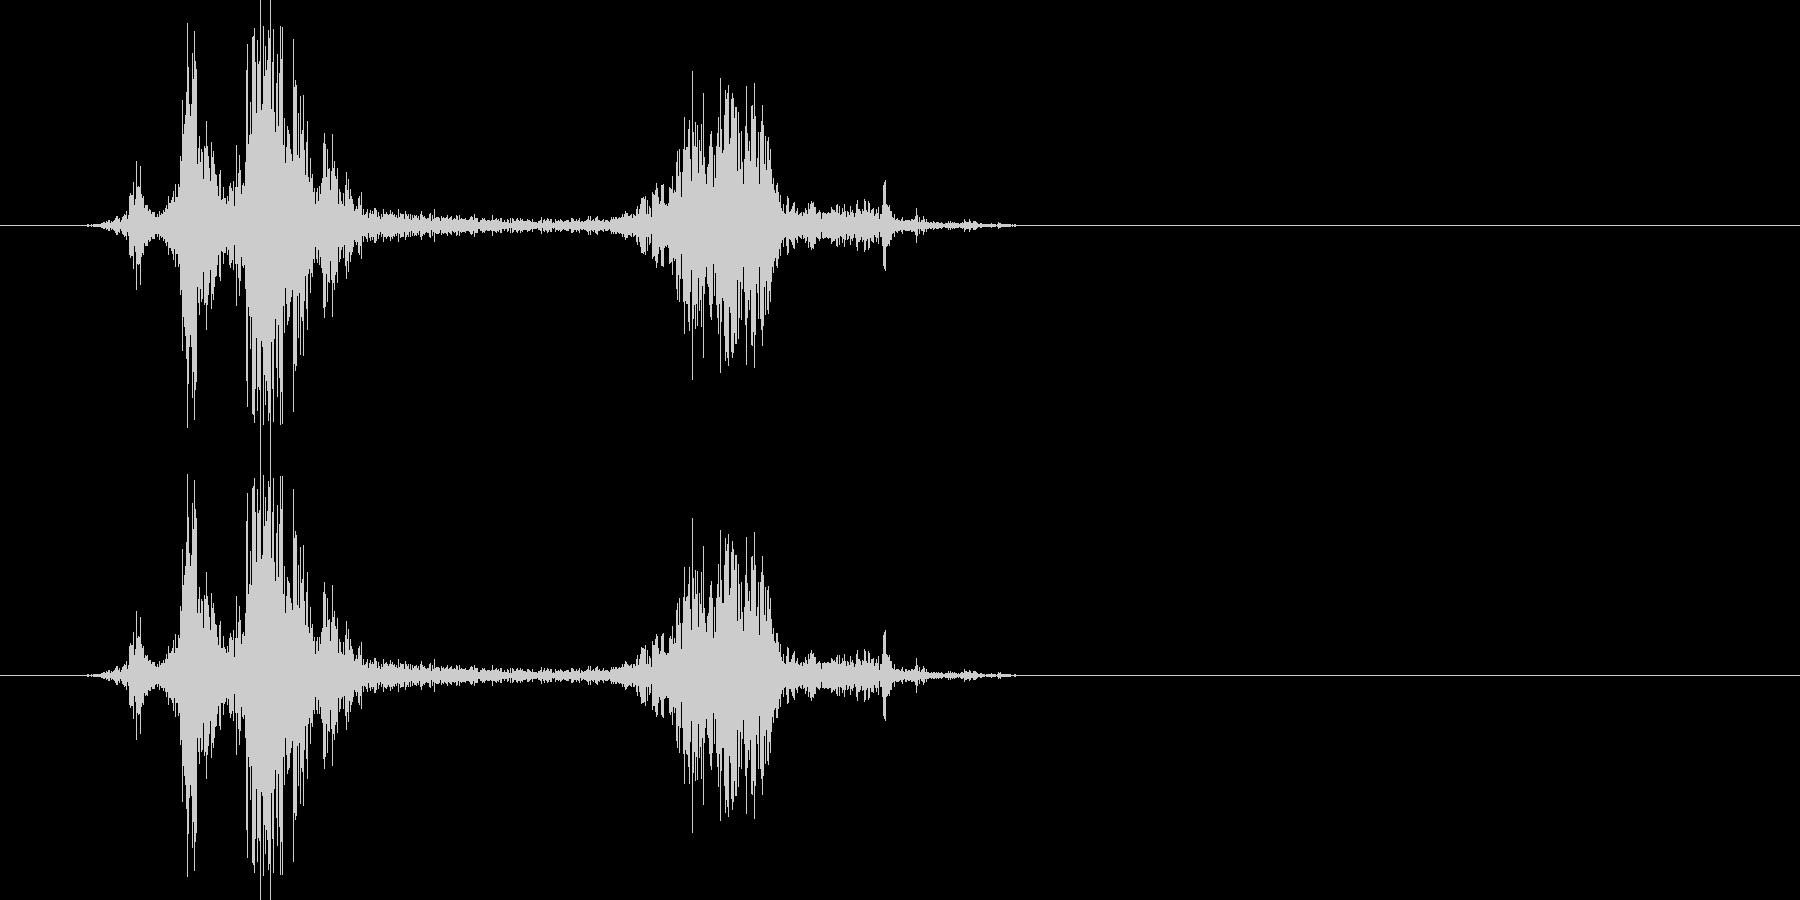 カメラのシャッター音2(クワッシッ)の未再生の波形